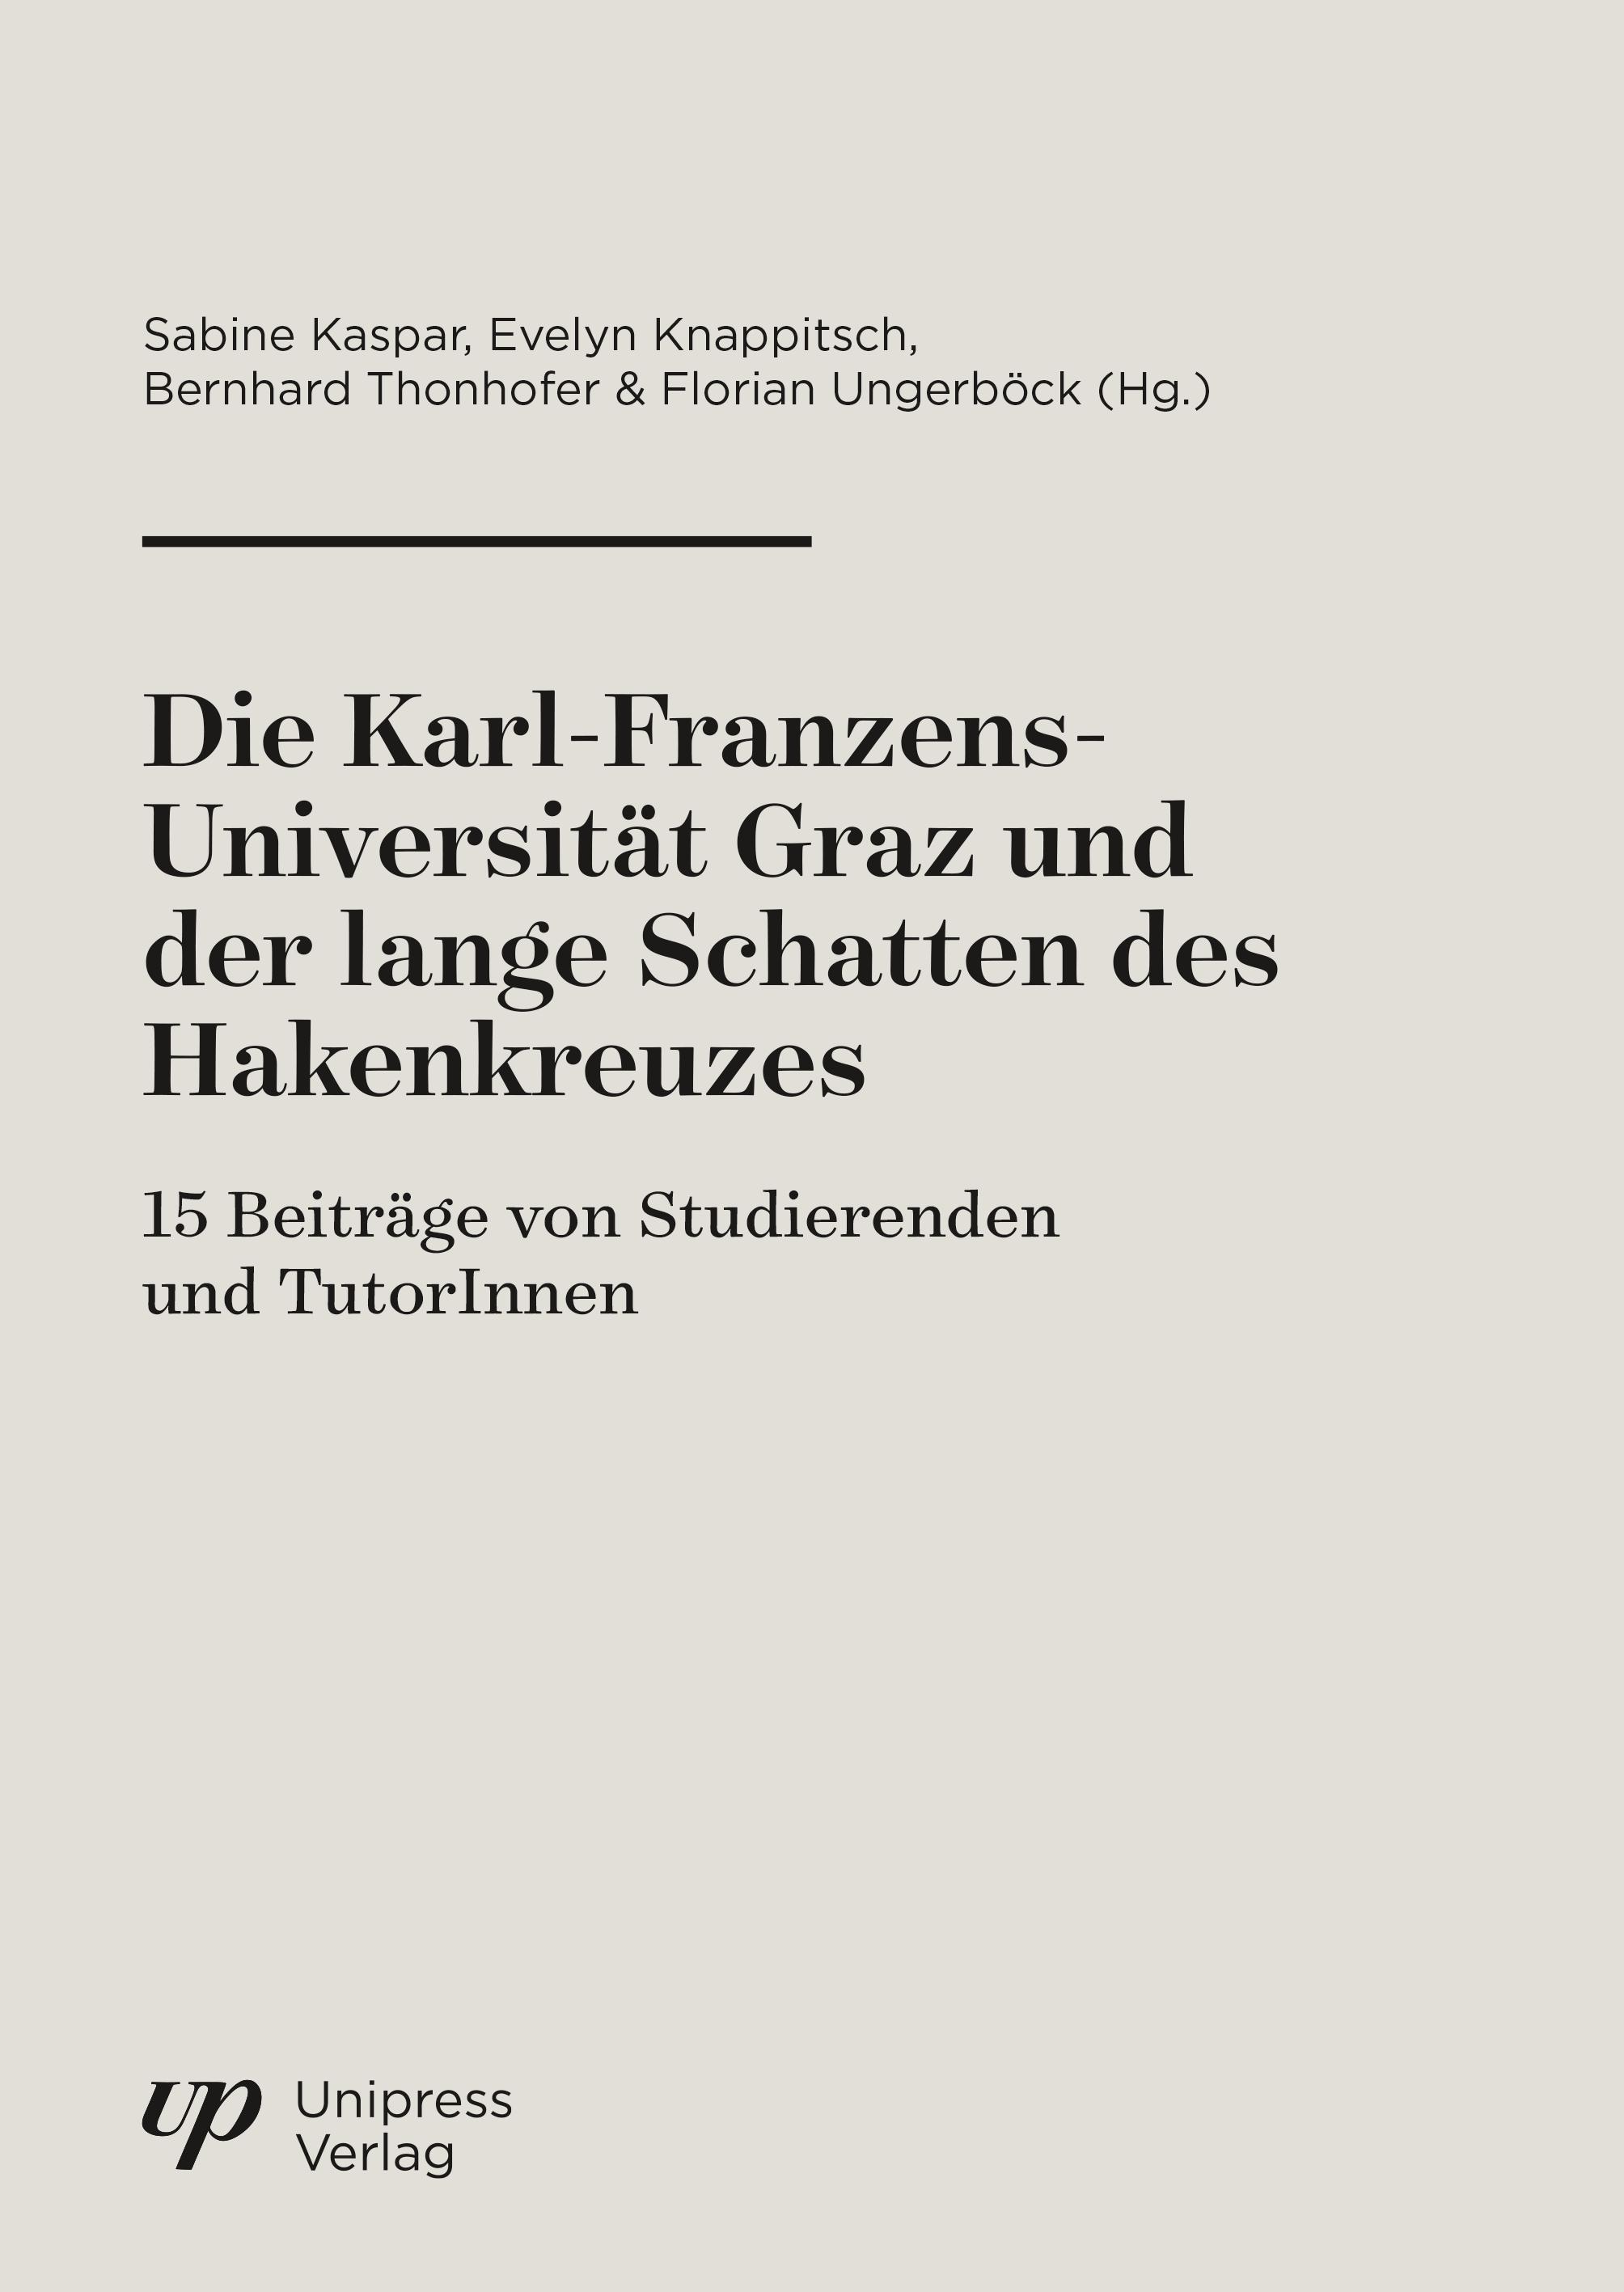 Die Karl-Franzens-Universität Graz und der lange Schatten des Hakenkreuzes